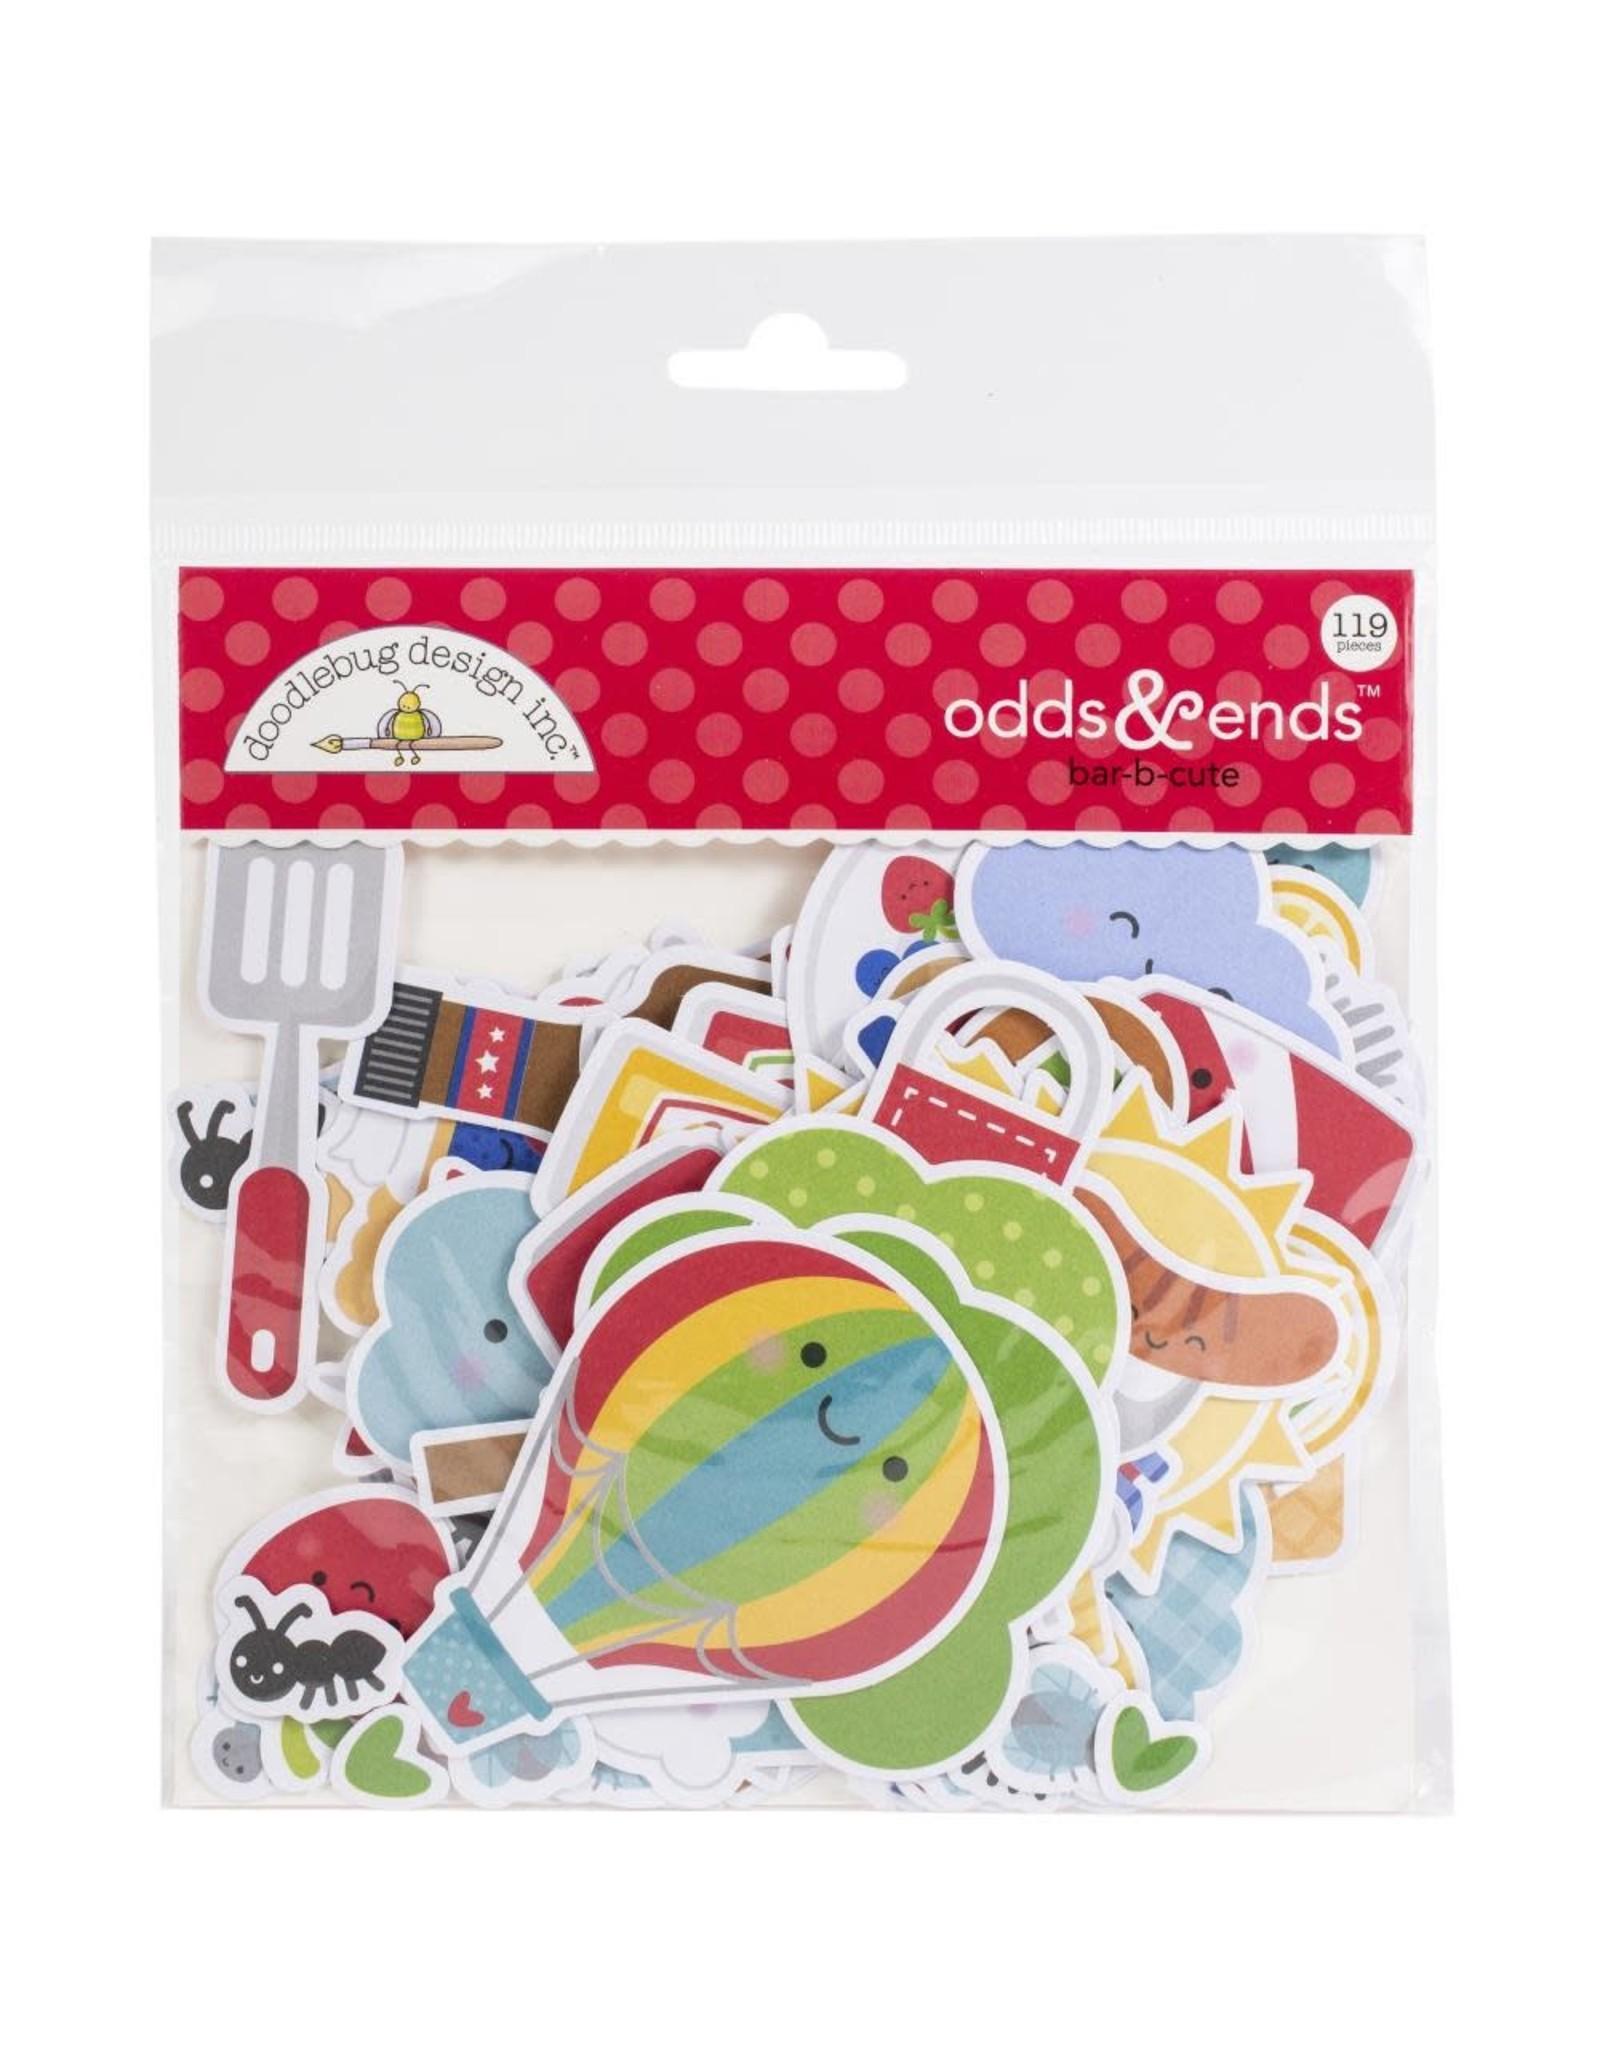 Doodlebug Design Inc. Doodlebug Odds & Ends Die Cuts - Bar B Cute